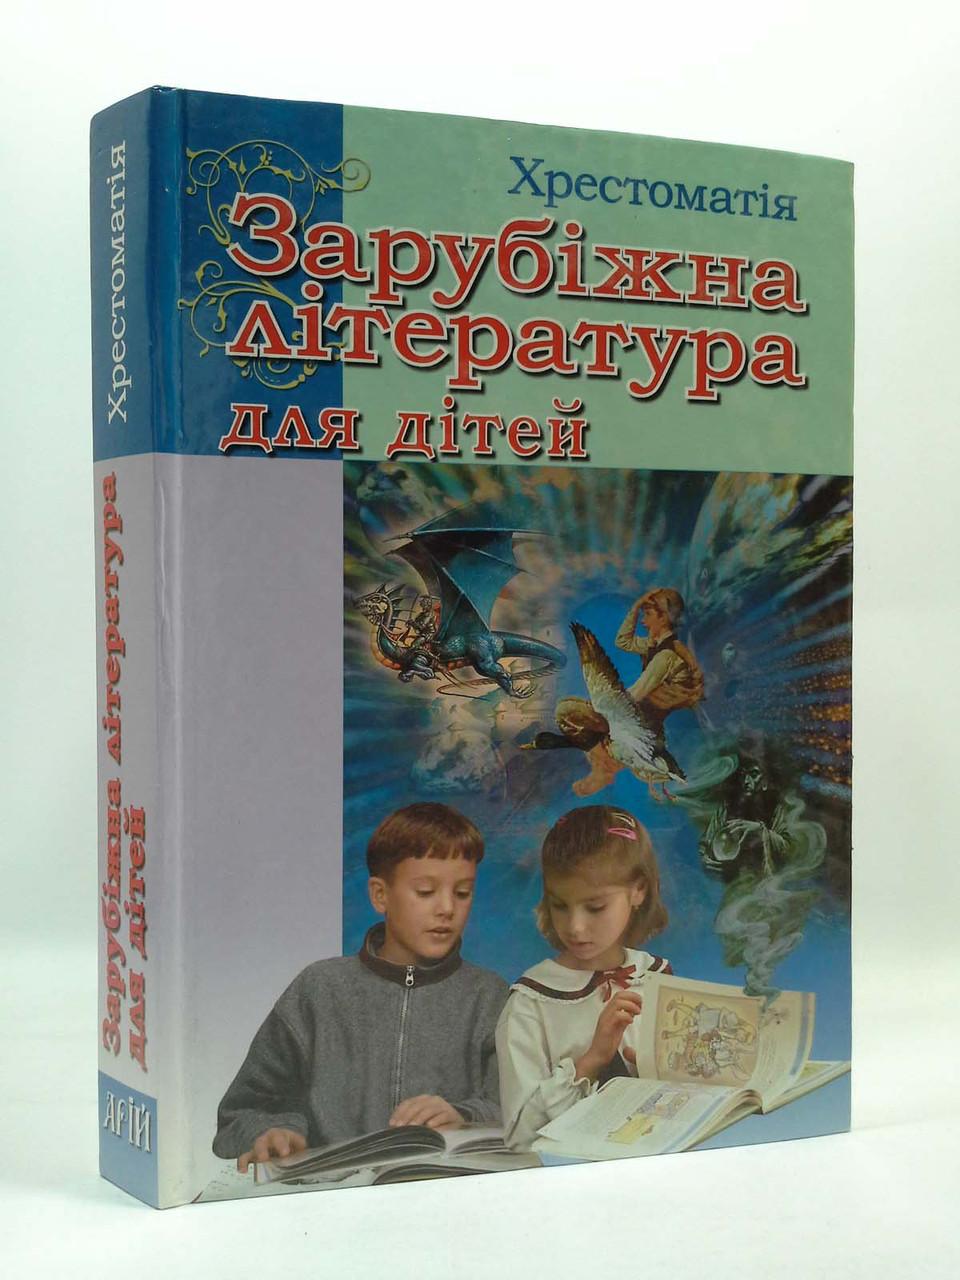 Арий Хрестоматія Зарубіжна література для дітей Мовчун